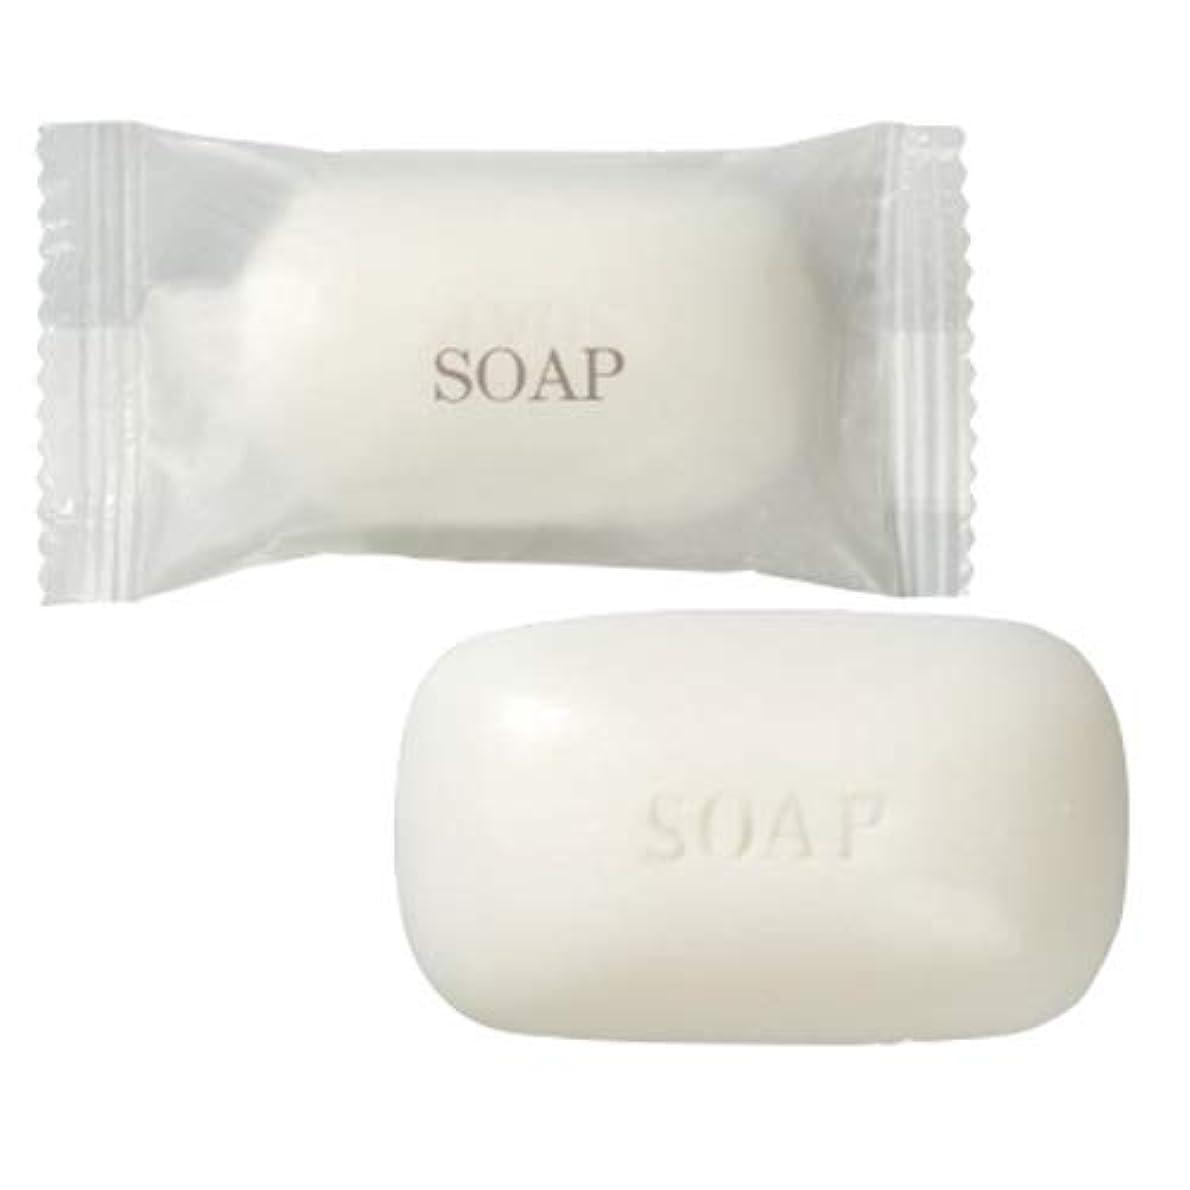 屈辱する失敗速度業務用 フィードソープ(FEED SOAP) マット袋(M袋) 15g ×3個 | ホテルアメニティ 個包装